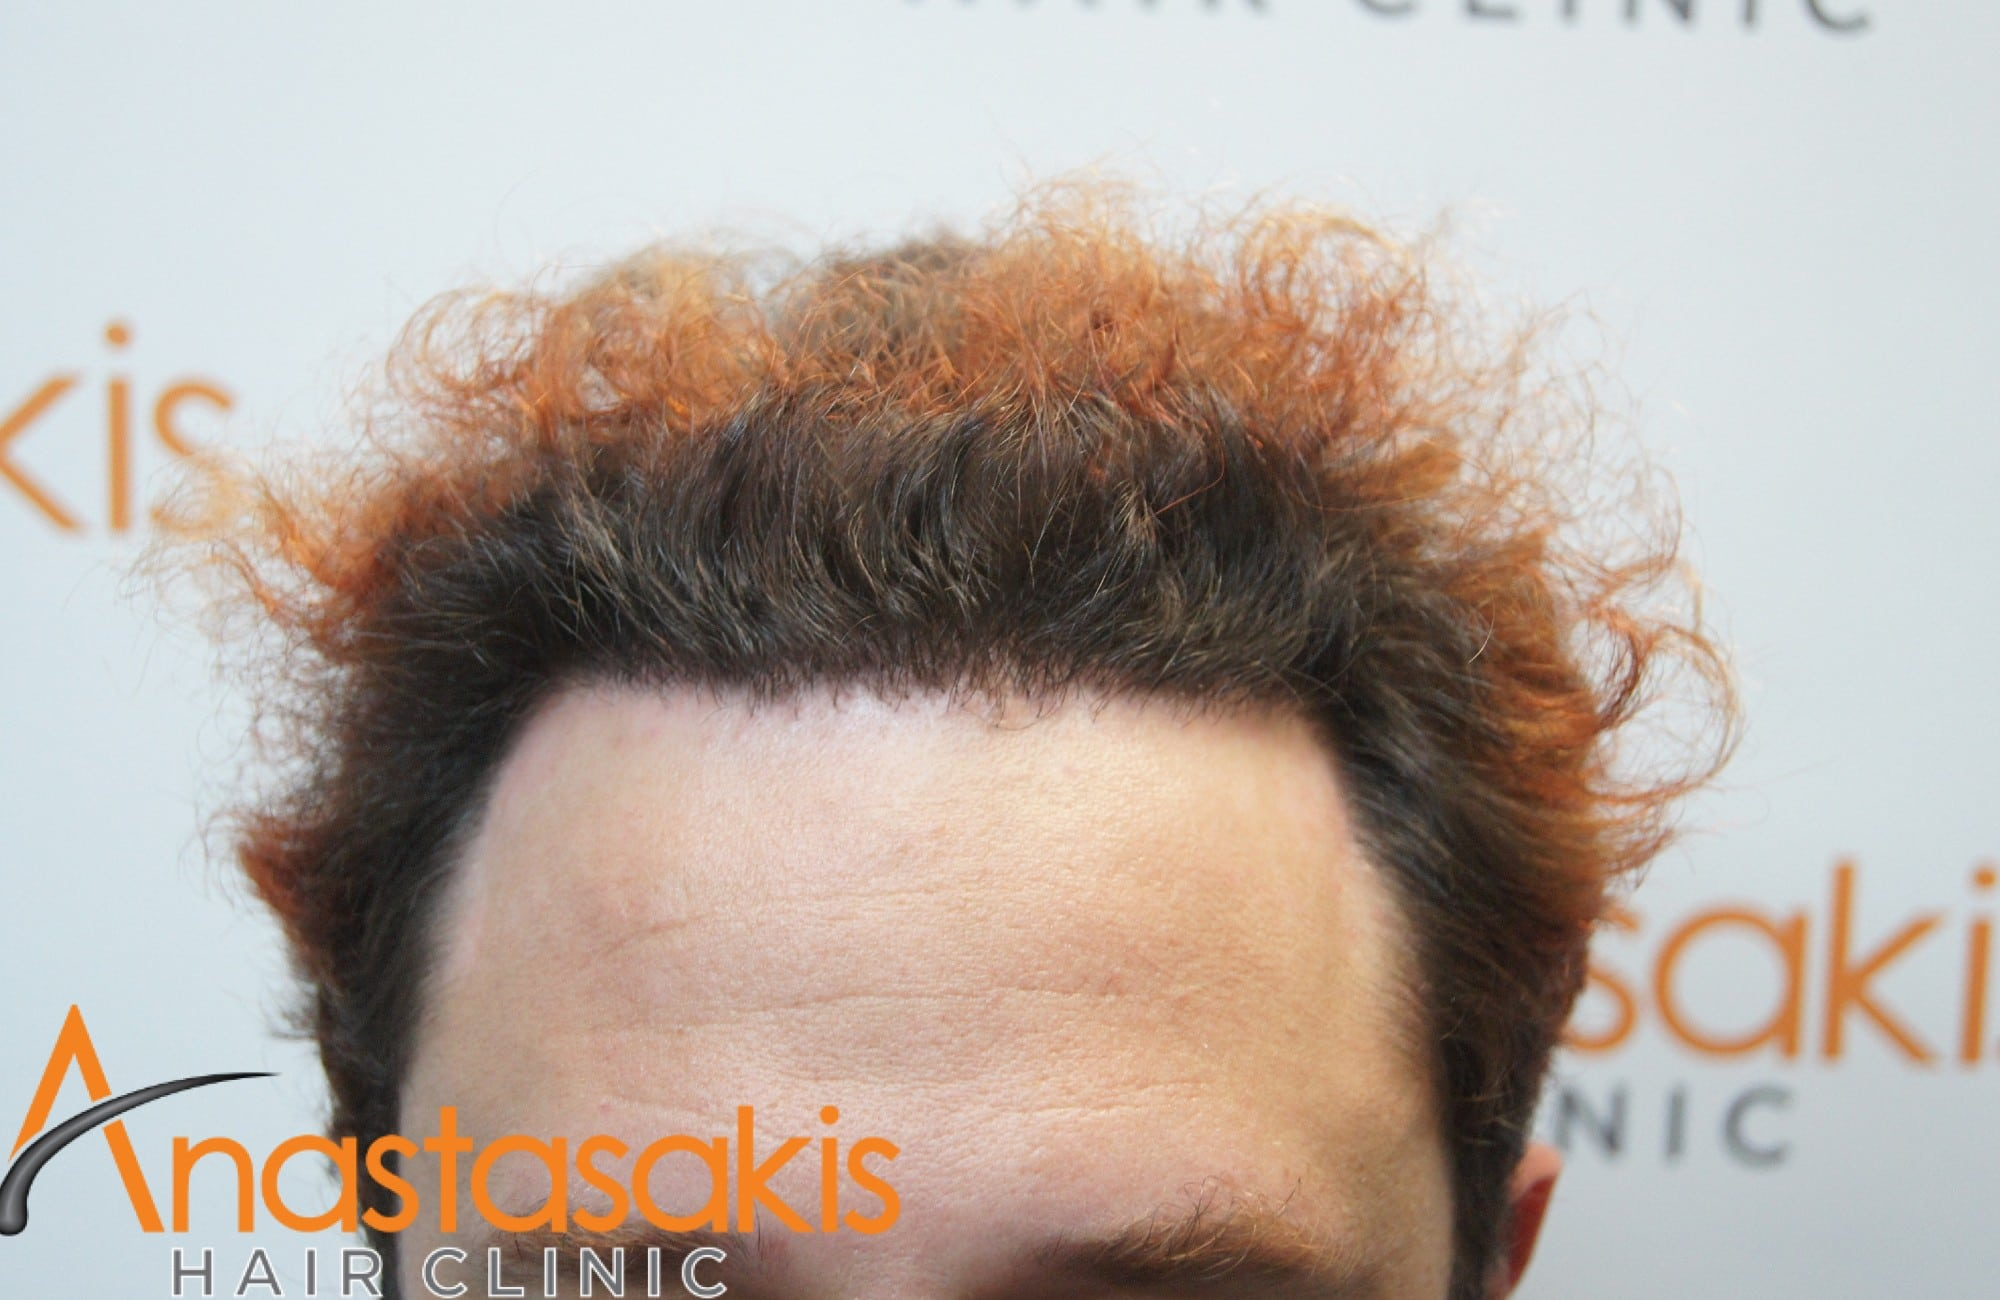 hairline ασθενούς μετα τη μεταμόσχευση μαλλιων με 2200 Fus